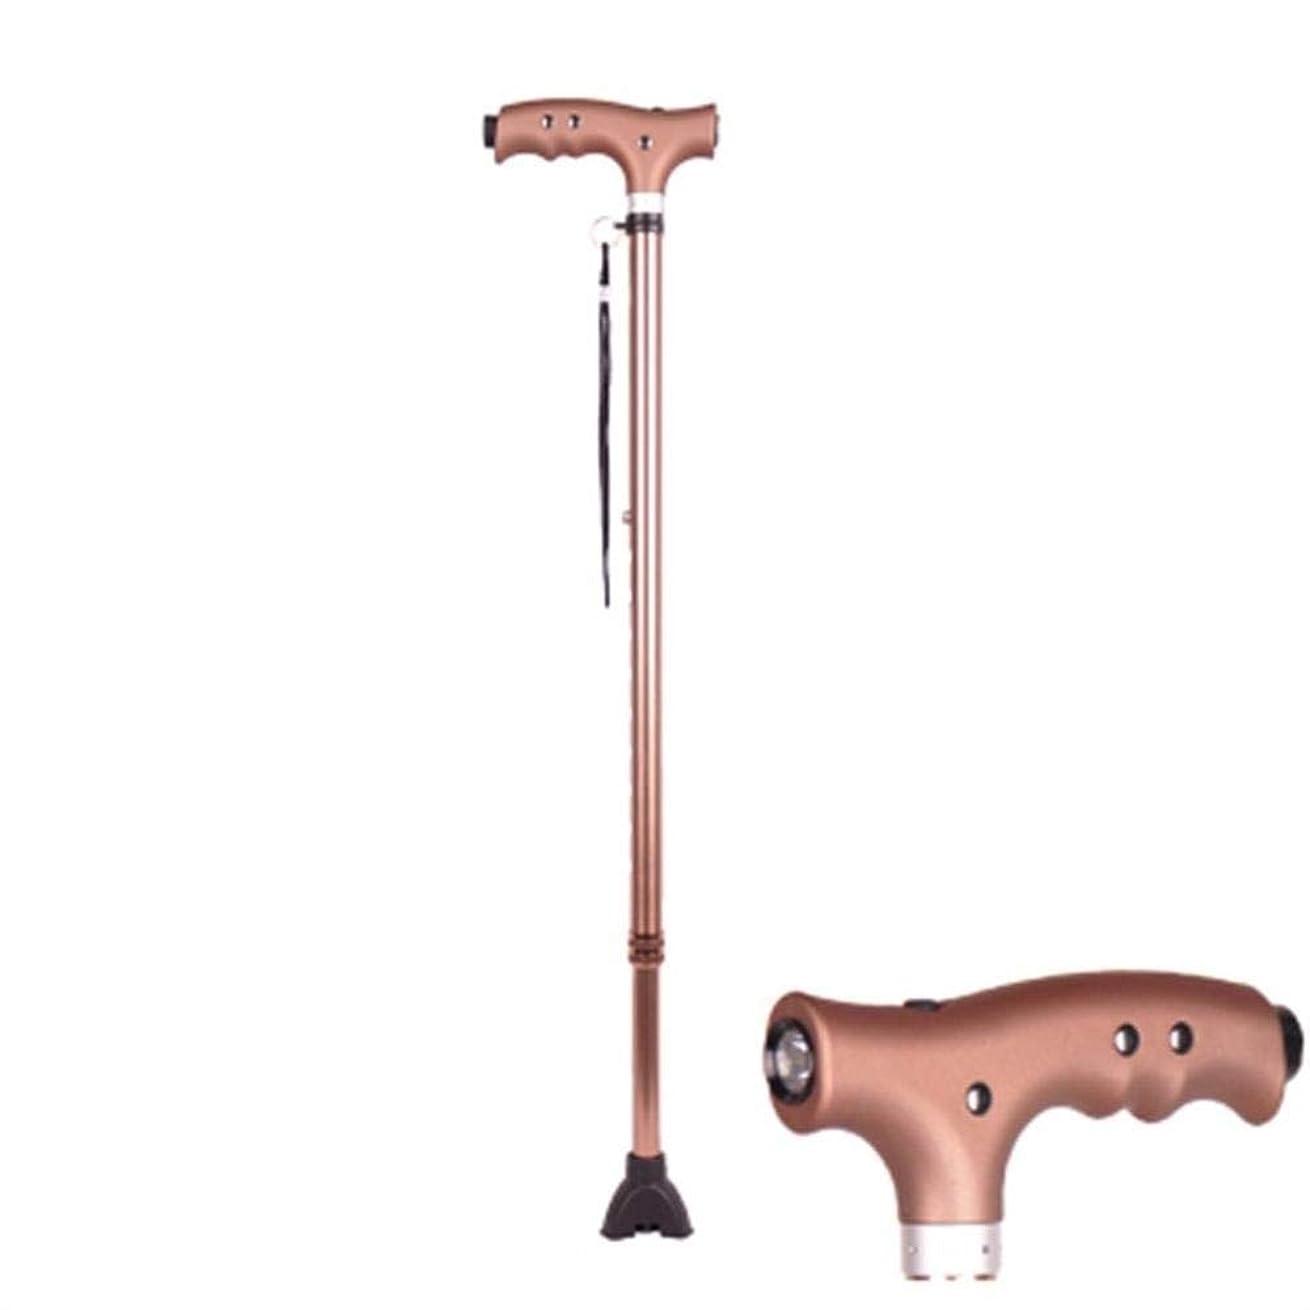 水差し流星インチ高齢者のための松葉杖-高齢者のための杖-伸縮式-安定-滑り止め-軽量-負傷者のためのLedライト、茶色の杖で高さ調整可能-Ol用松葉杖